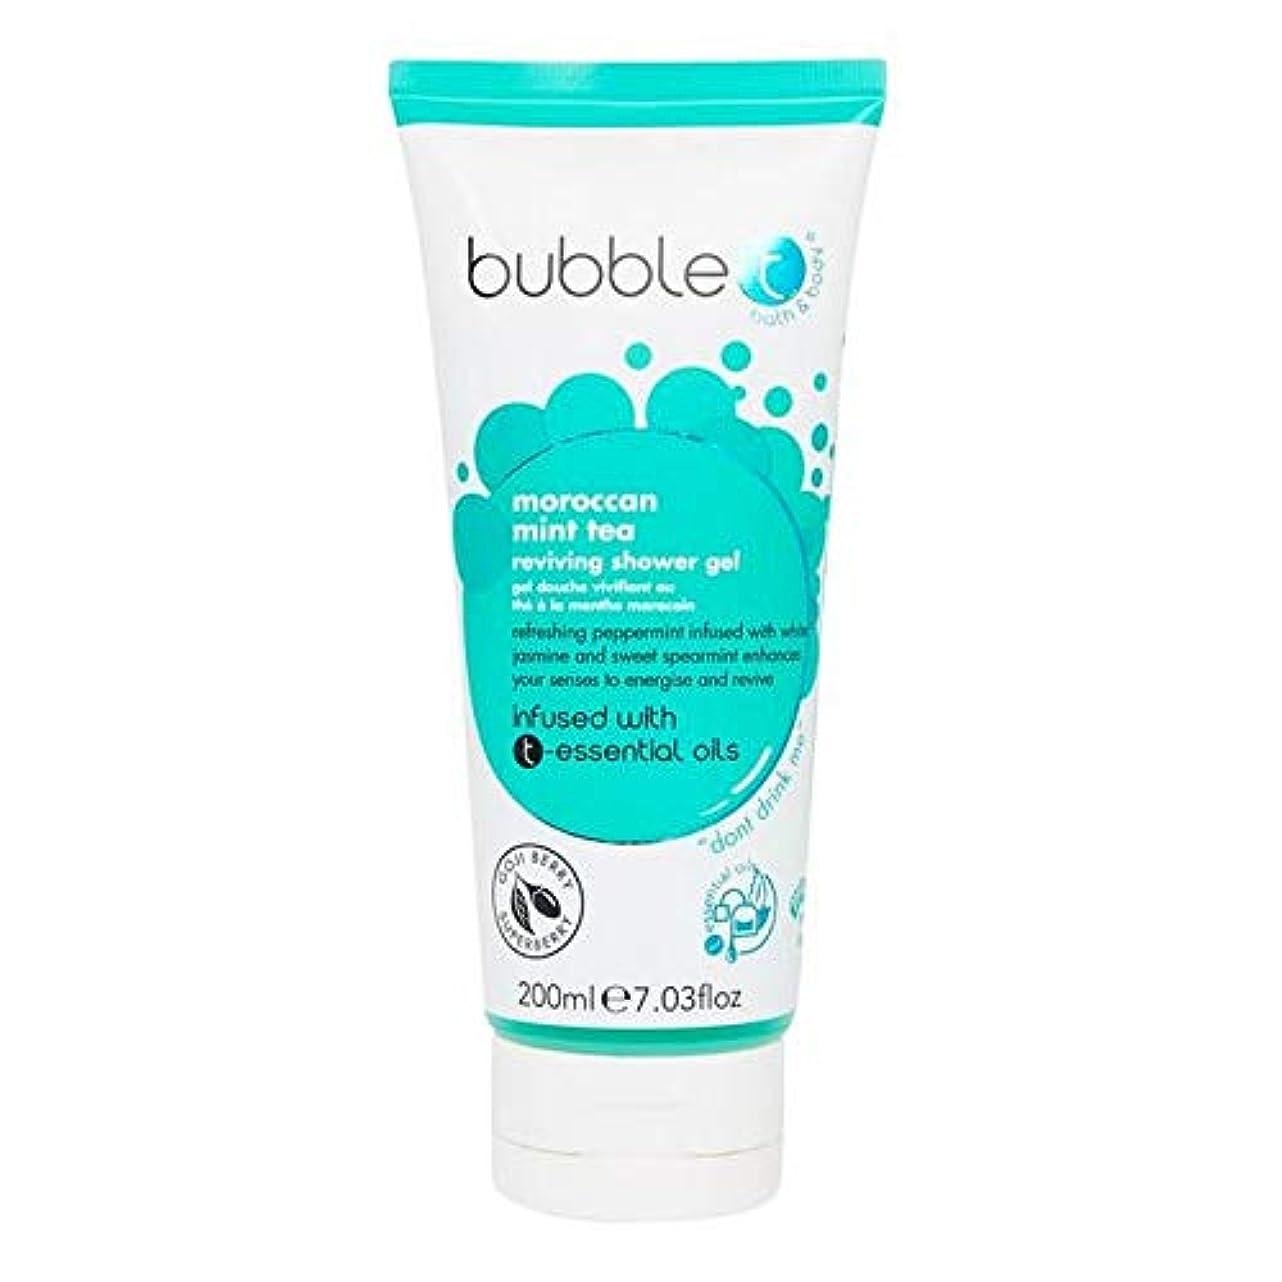 ラバ信仰近代化する[Bubble T ] バブルトン化粧品シャワージェル、モロッコのミントティーを200ミリリットル - Bubble T Cosmetics Shower Gel, Moroccan Mint Tea 200ml [並行輸入品]